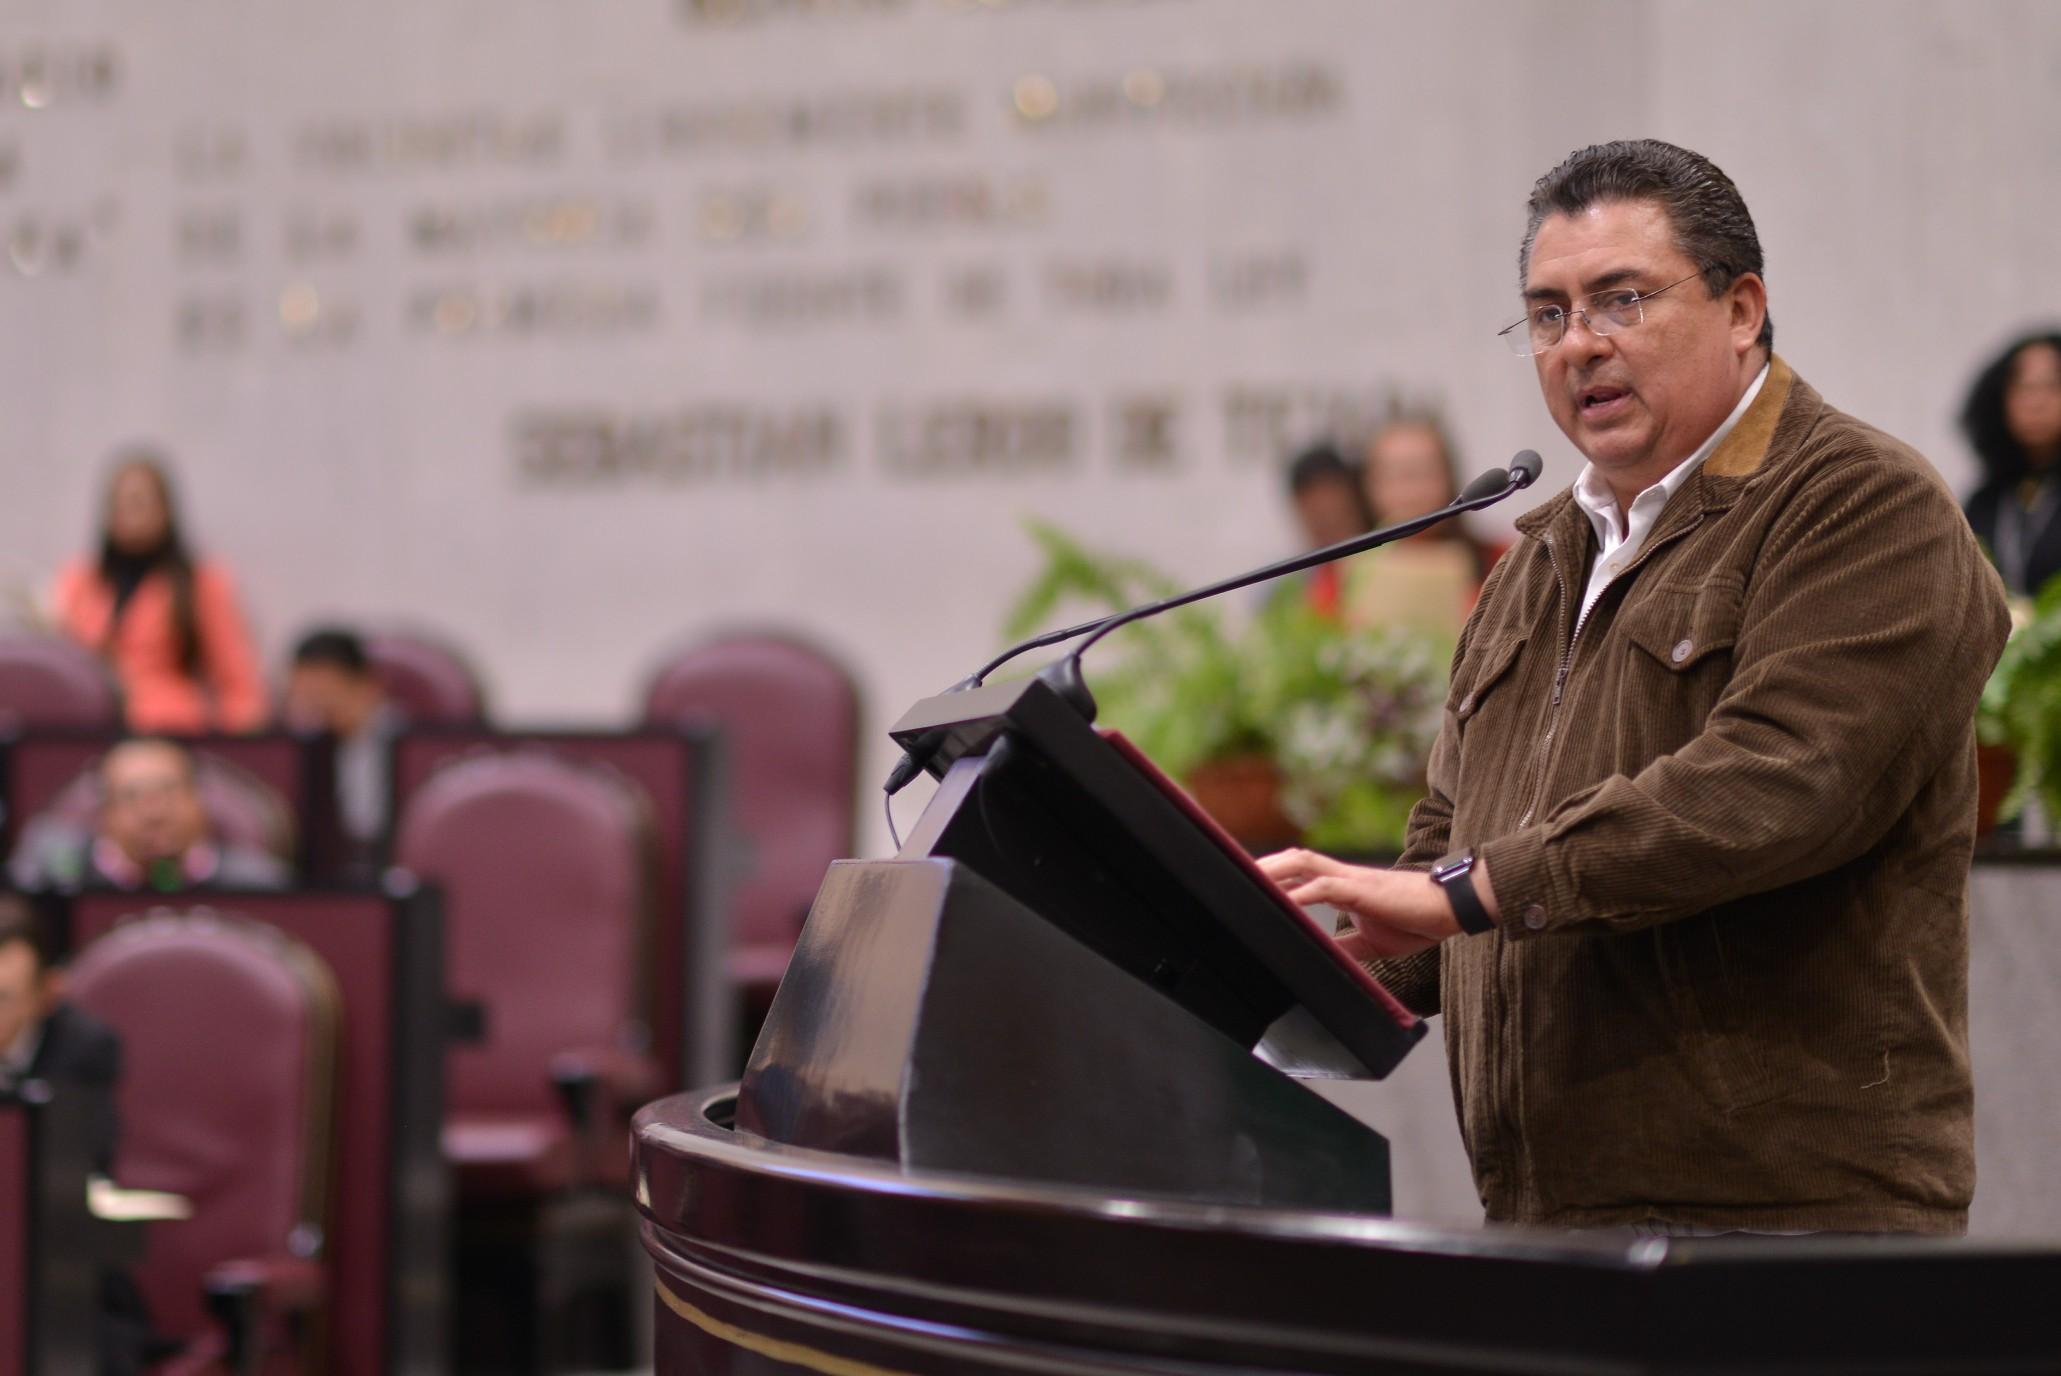 Solicita Callejas Roldán se transparenten los recursos para el ejercicio fiscal 2018